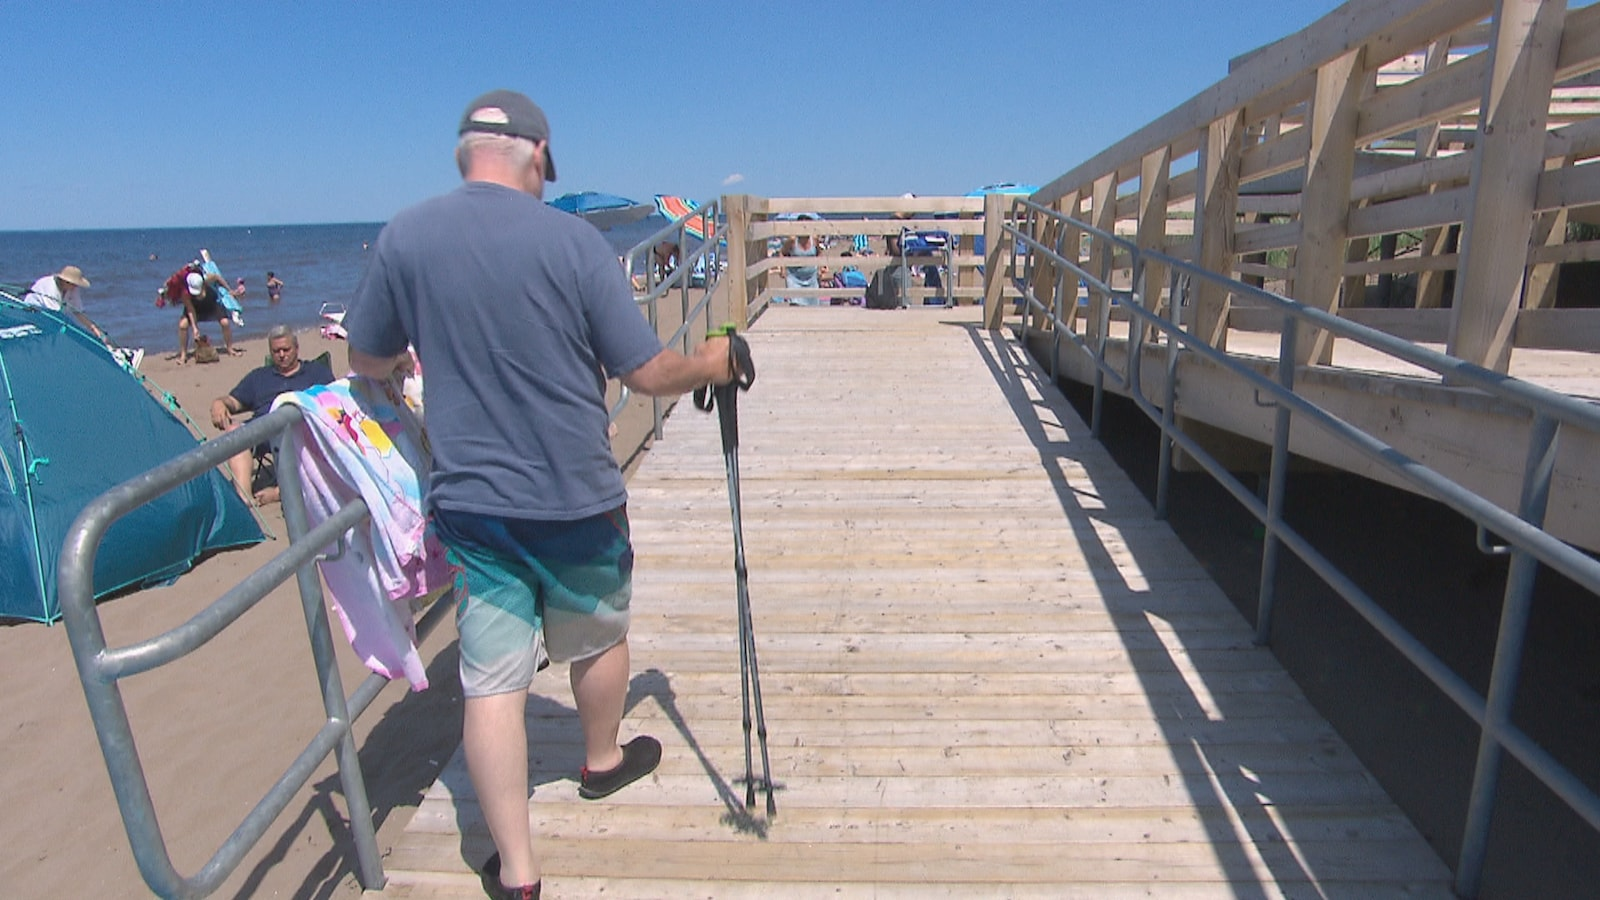 Un homme marche sur une passerelle à la plage à l'aide d'une canne.